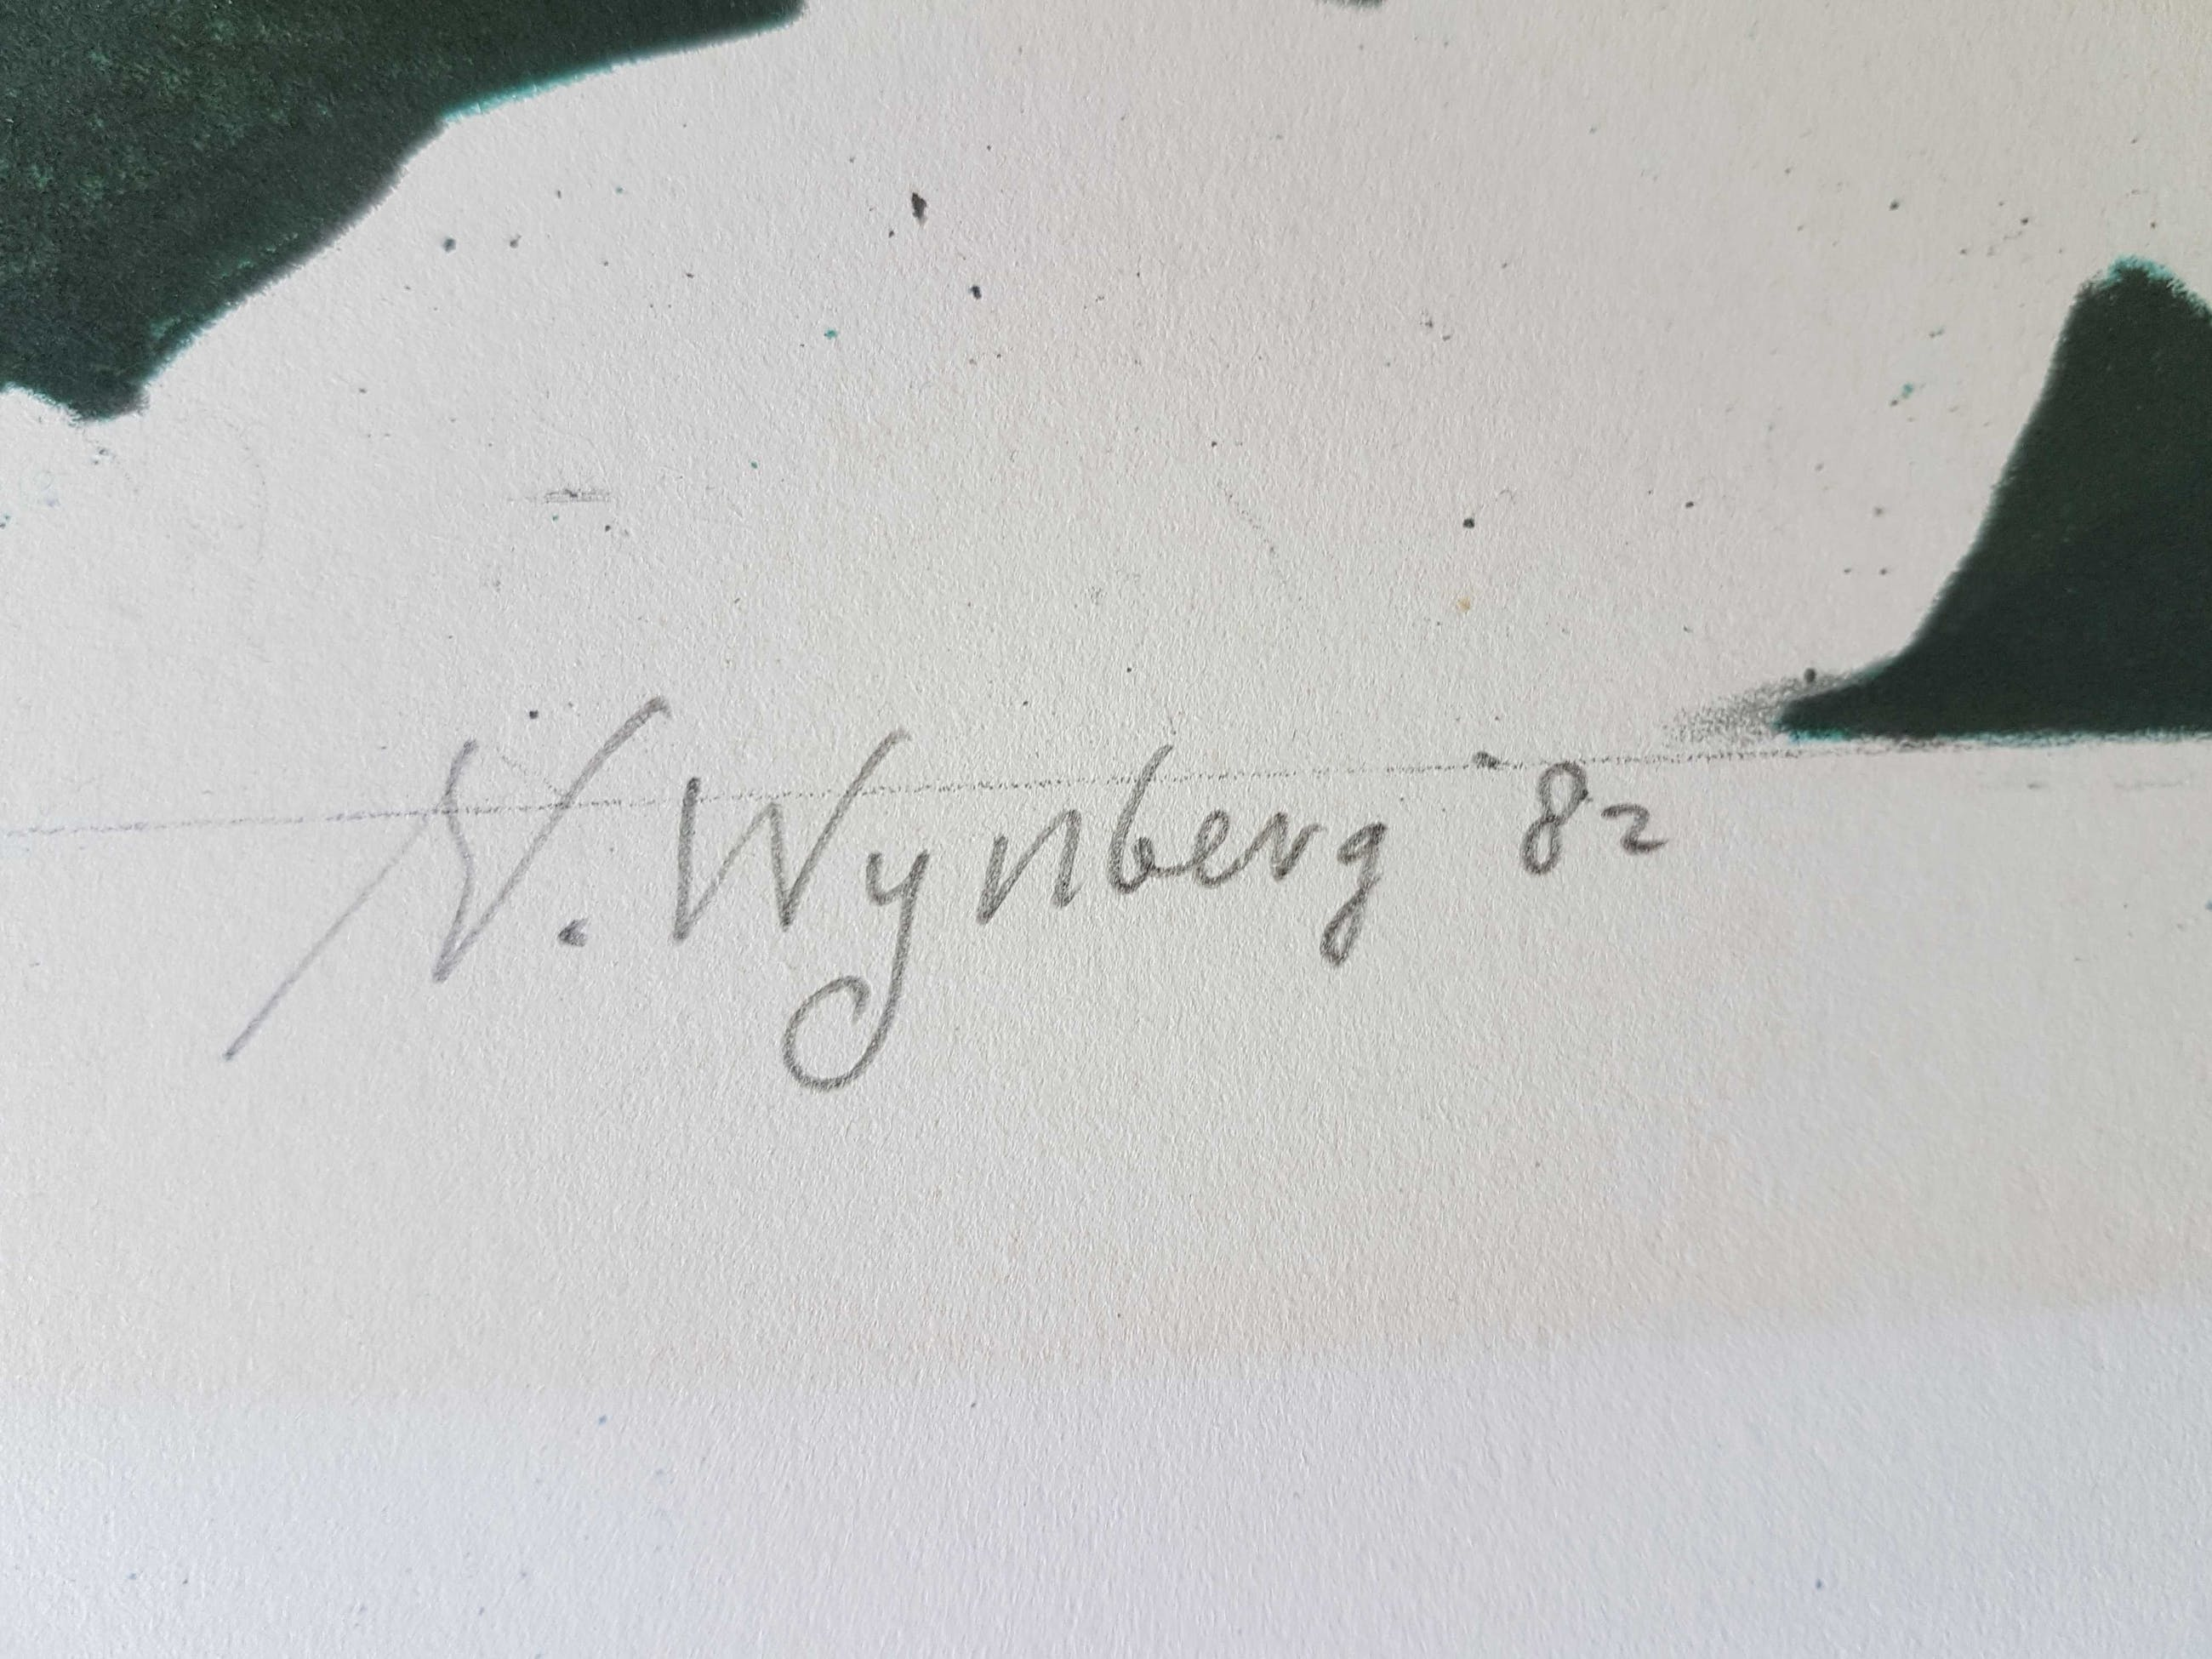 Nicolaas Wijnberg - Litho landschap uit1982 kopen? Bied vanaf 50!